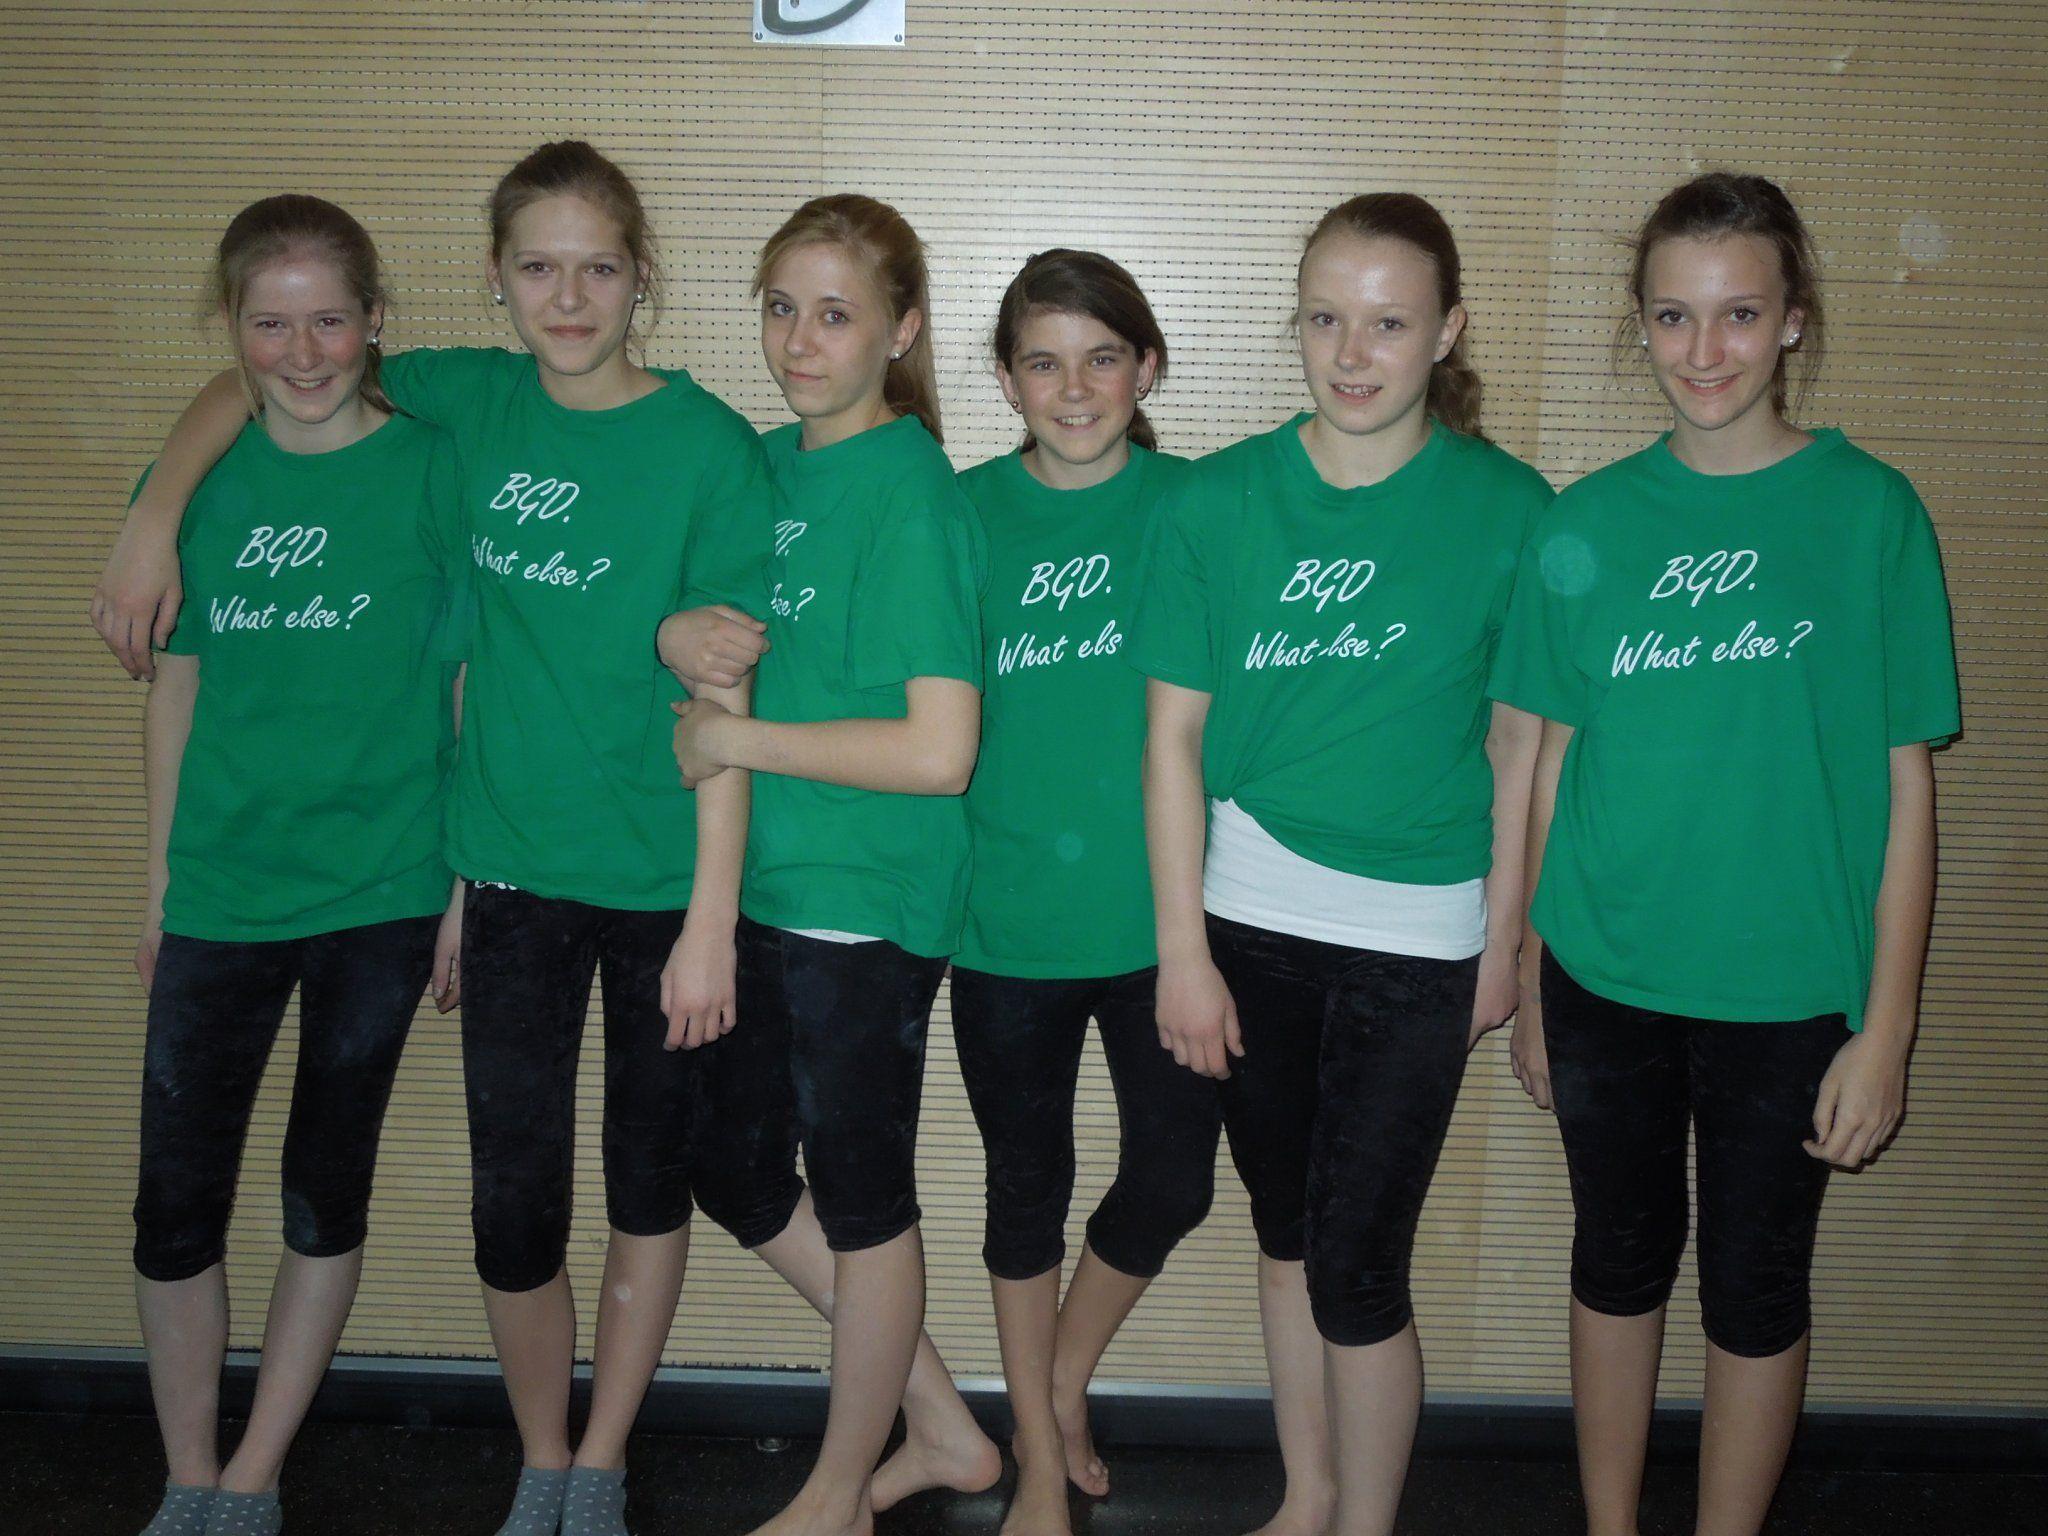 Die talentierten Turnerinnen von der 4 a des BG Dornbirn, welches auch Ausrichter von Turn 10 war.